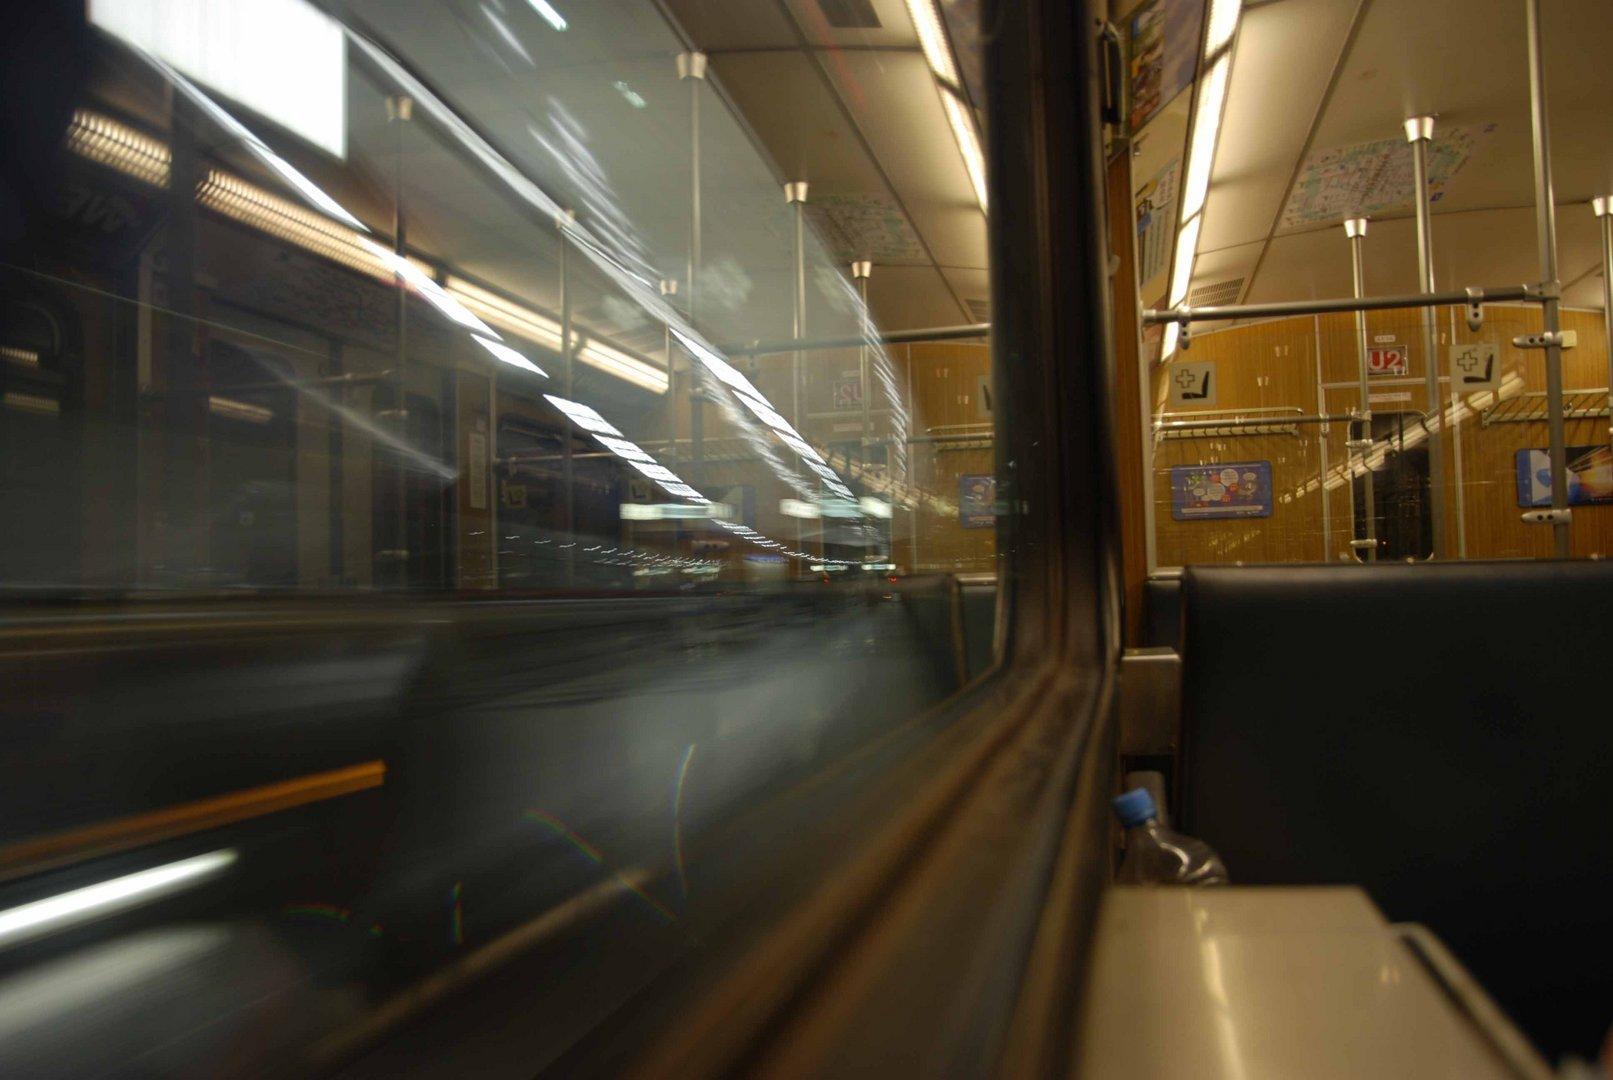 München Ubahn bei Nacht 4